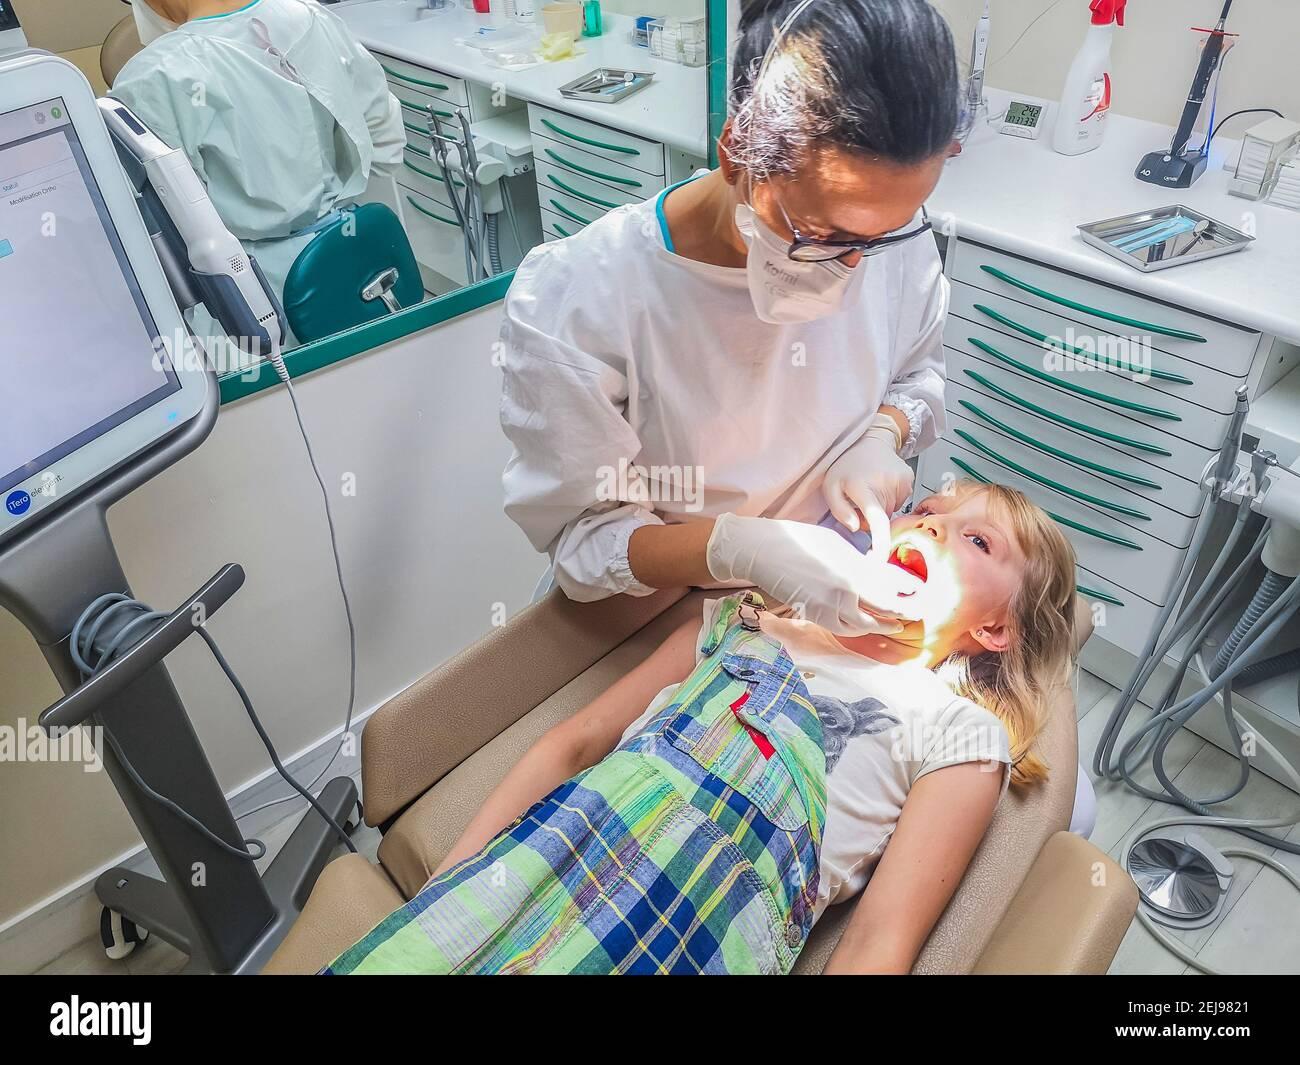 Thérapie physique médecine alternative Banque D'Images